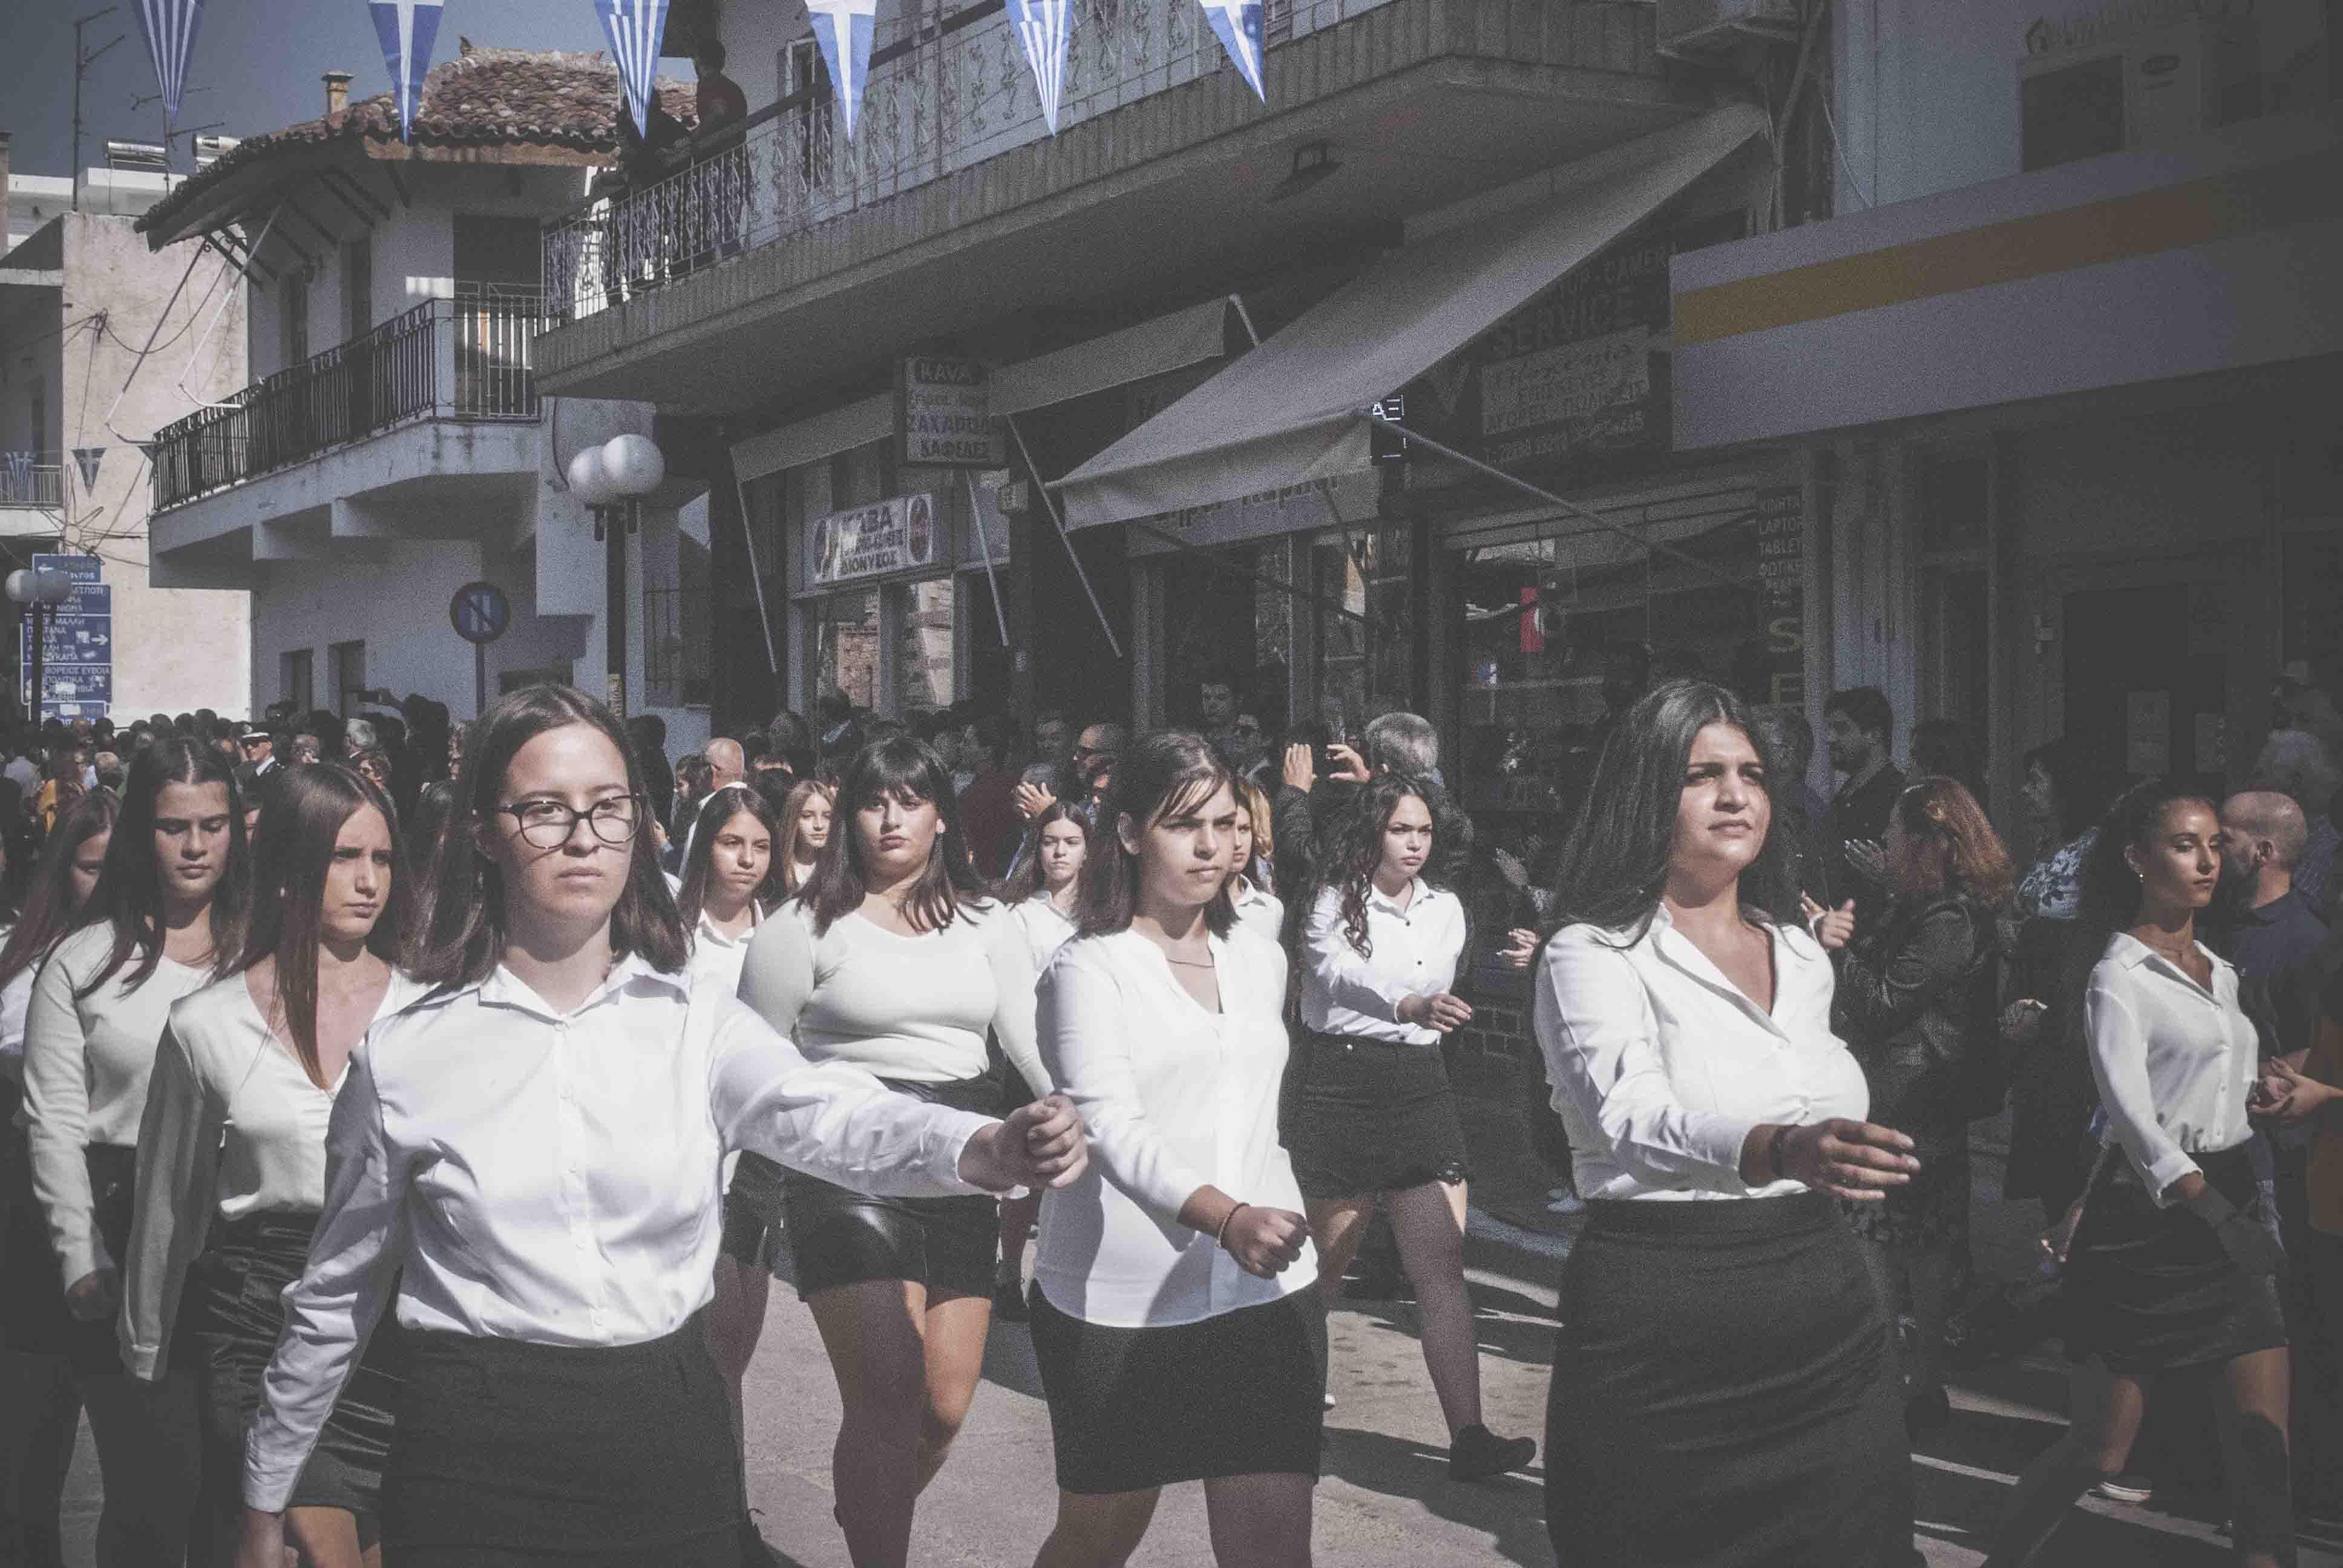 Φωτογραφικό υλικό από την παρέλαση στα Ψαχνά DSC 0422  Η παρέλαση της 28ης Οκτωβρίου σε Καστέλλα και Ψαχνά (φωτό) DSC 0422